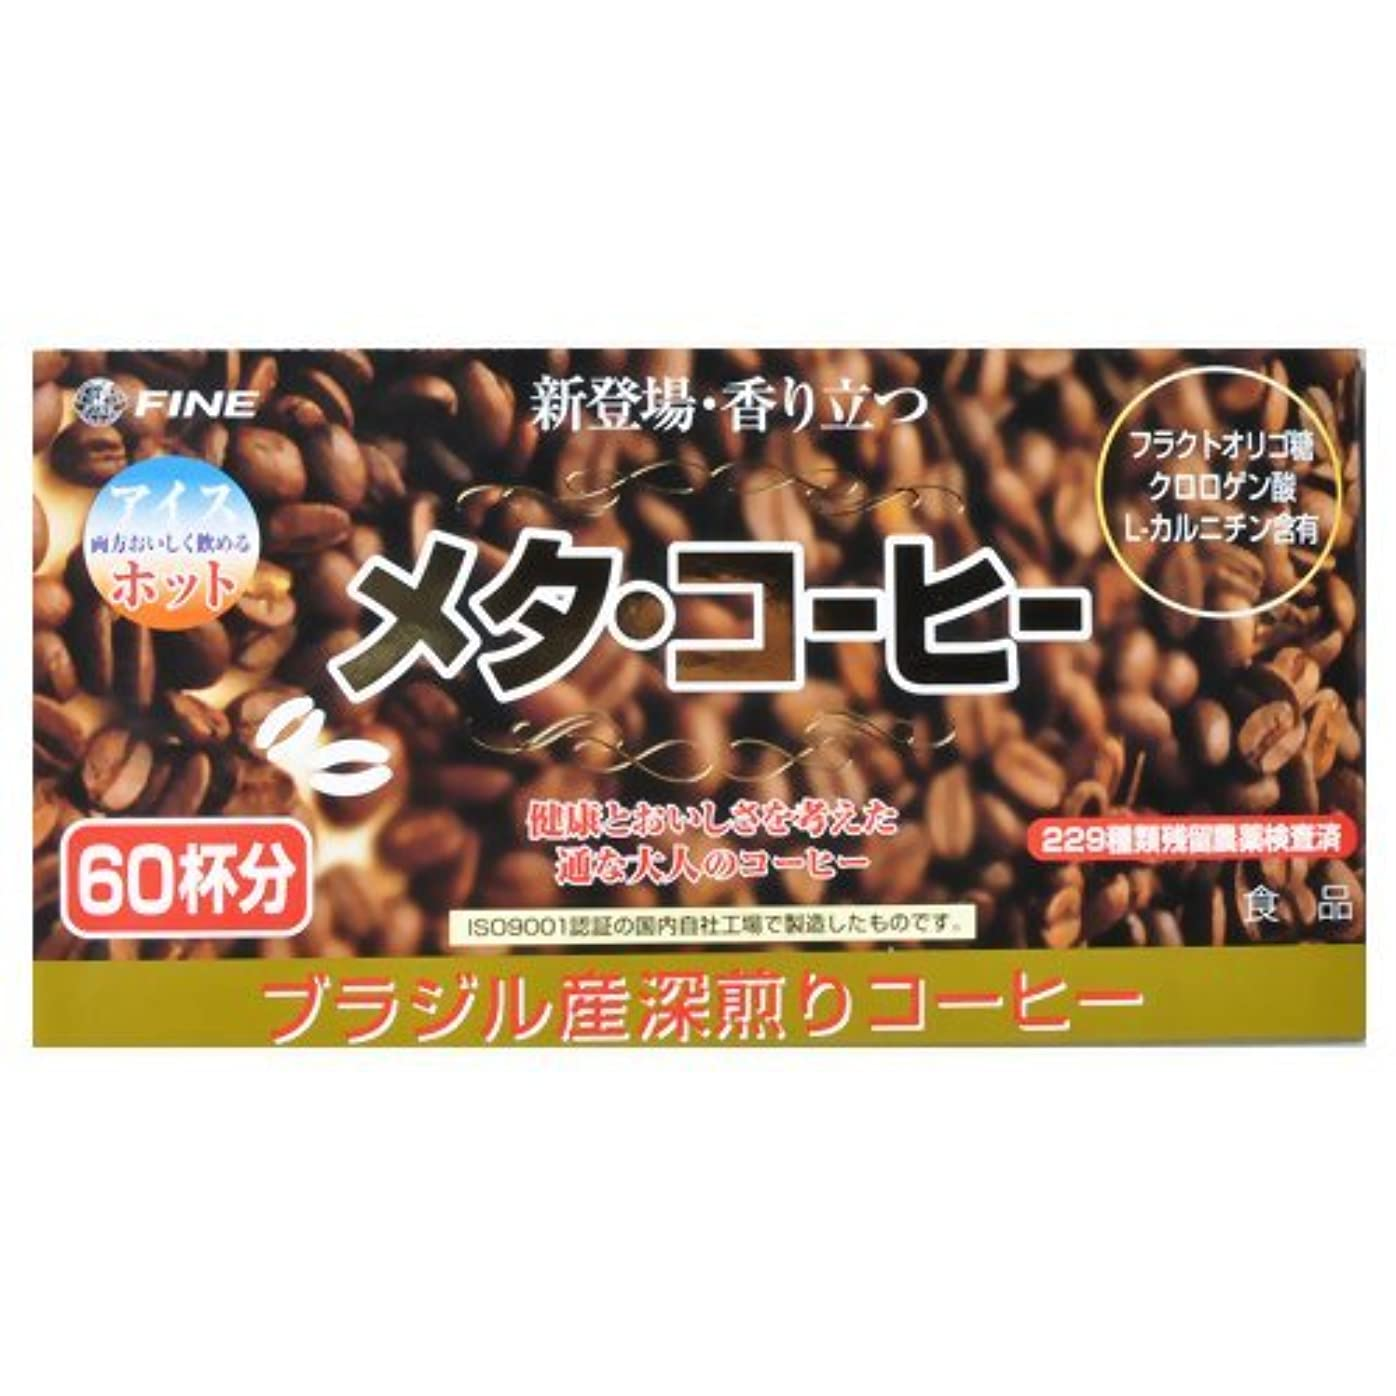 天使特別な刃ファイン 美味しいメタボコーヒー Slim&Diet(スリム&ダイエット) 60包